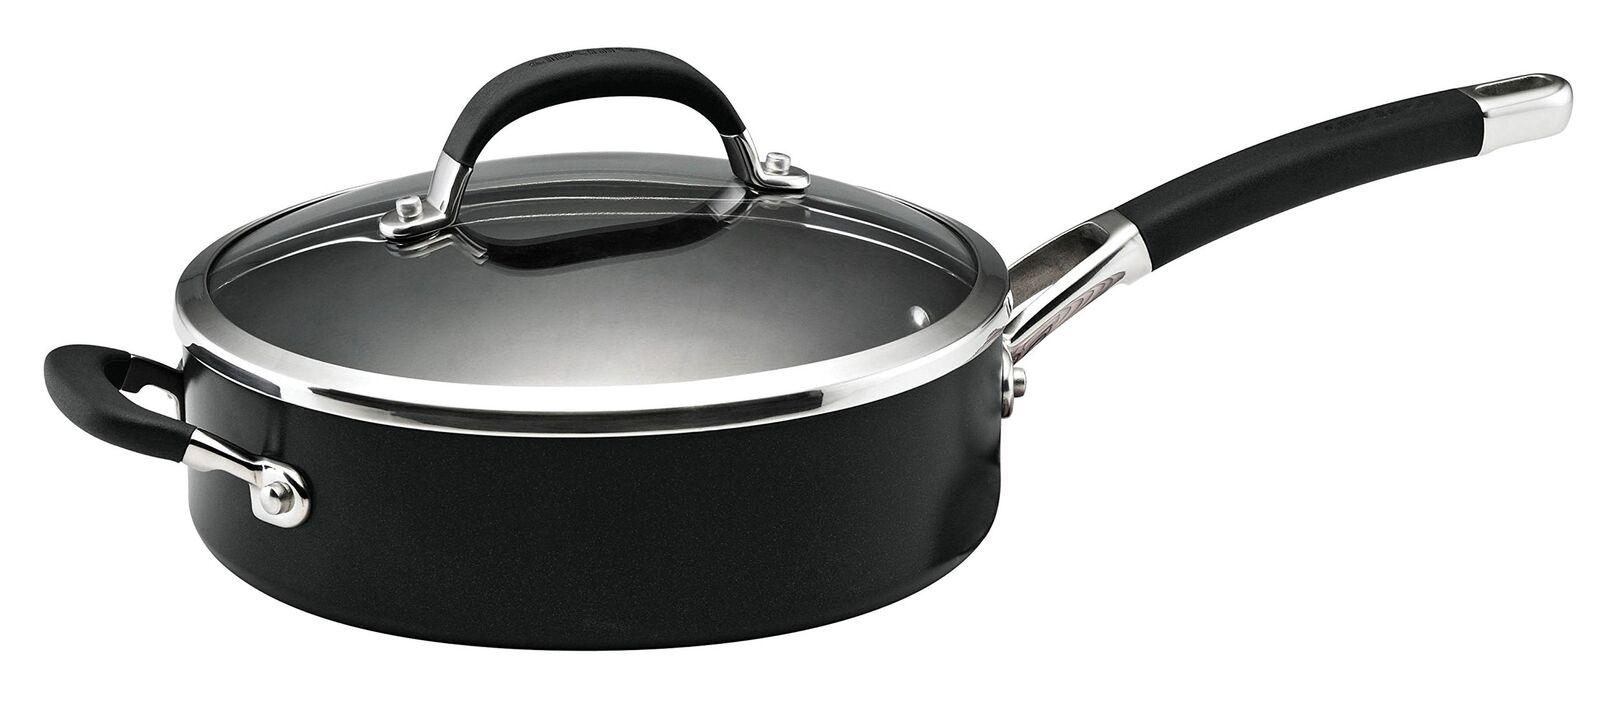 Circulon Premier professionnel couverts Saute Pan, Dur-Aluminium Anodisé, Blac...